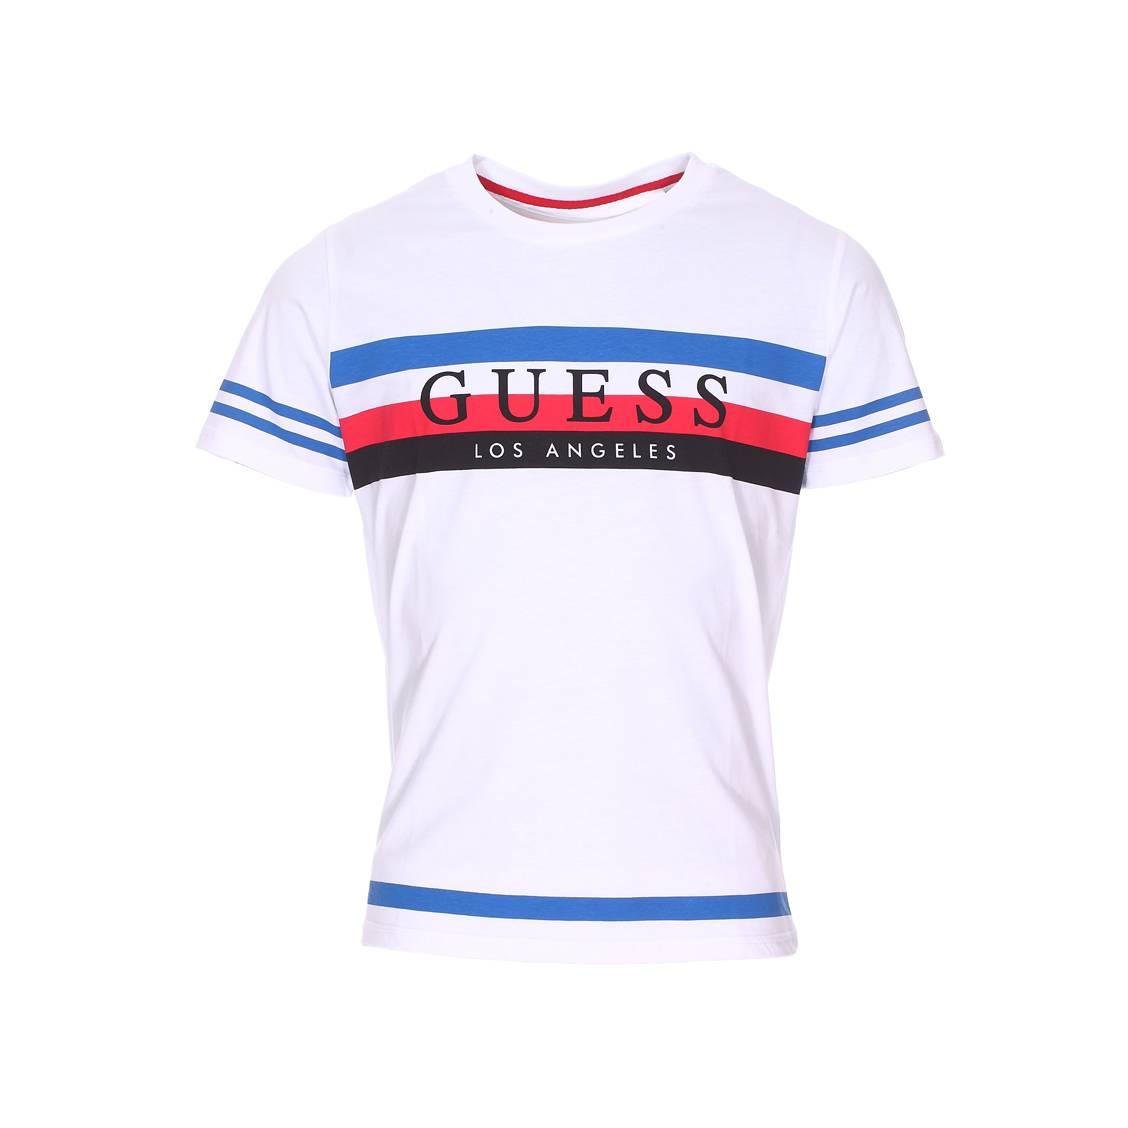 Tee-shirt col rond guess en coton blanc à rayures bleu roi, rouge et noire